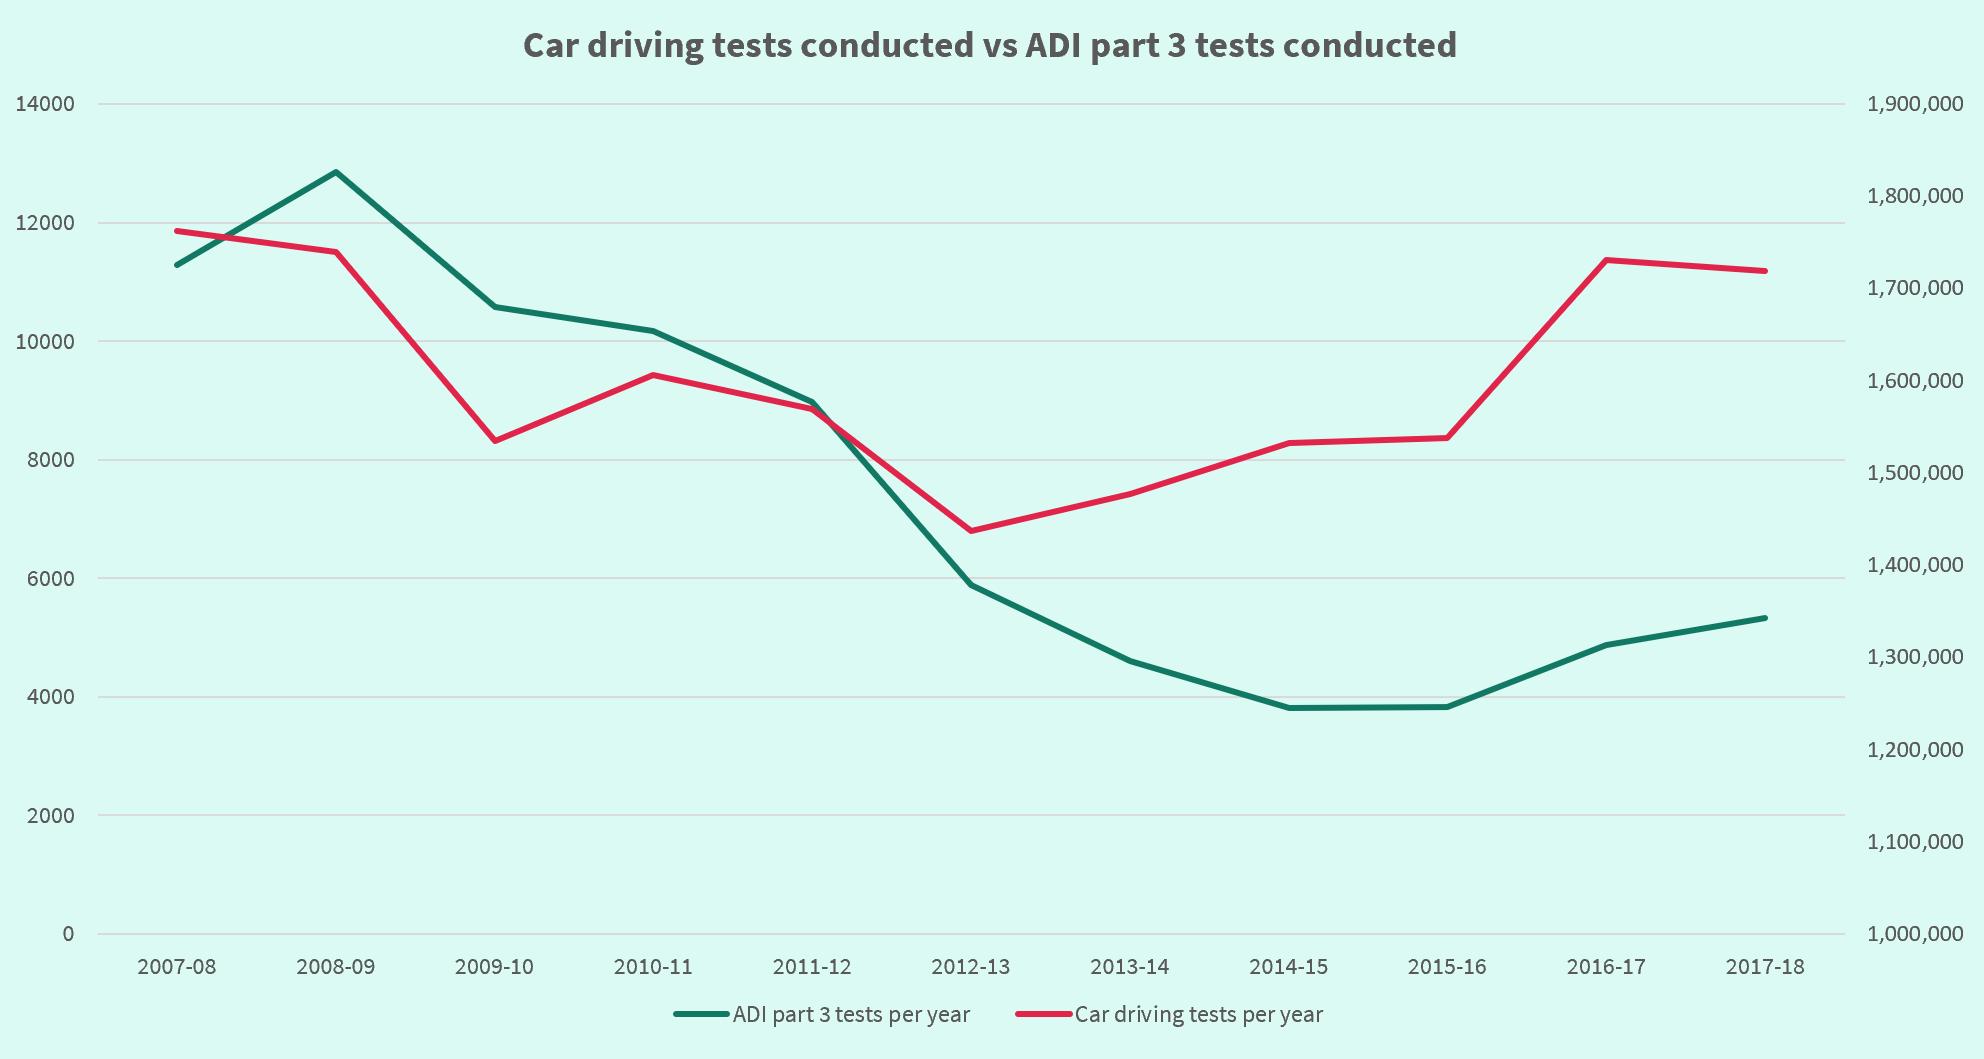 Car tests vs ADI tests